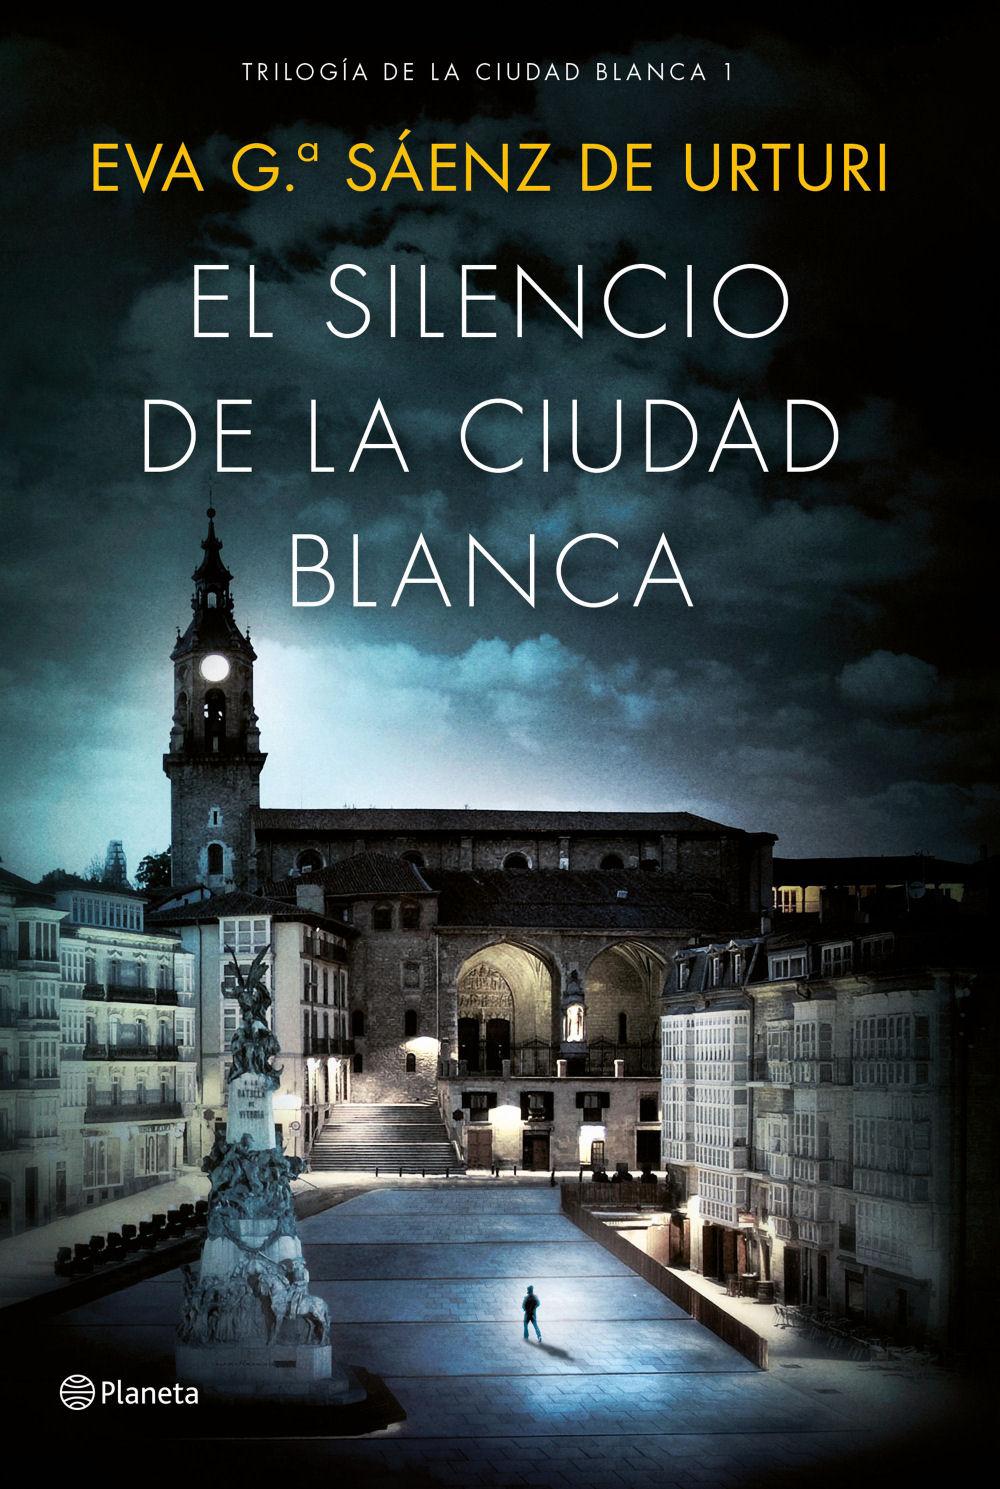 El silencio de la ciudad blanca Eva Garcia Saenz de Urturi